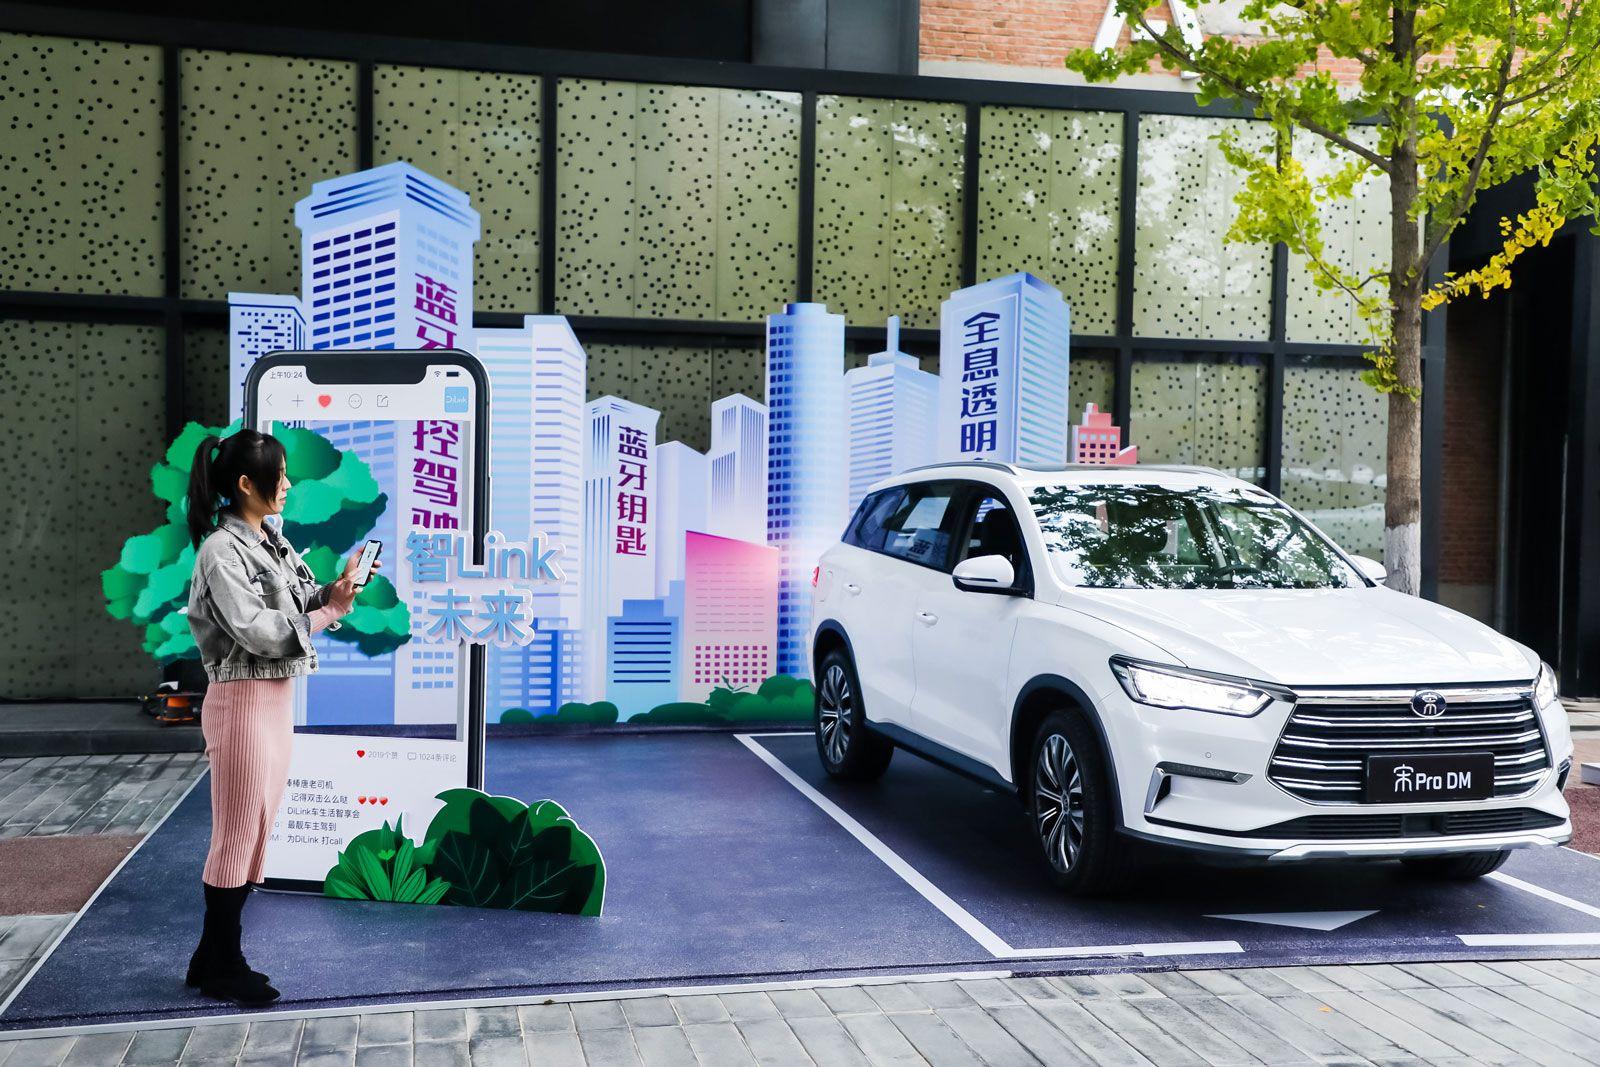 智能网联行业引领者 比亚迪DiLink召开首届车生活智享会